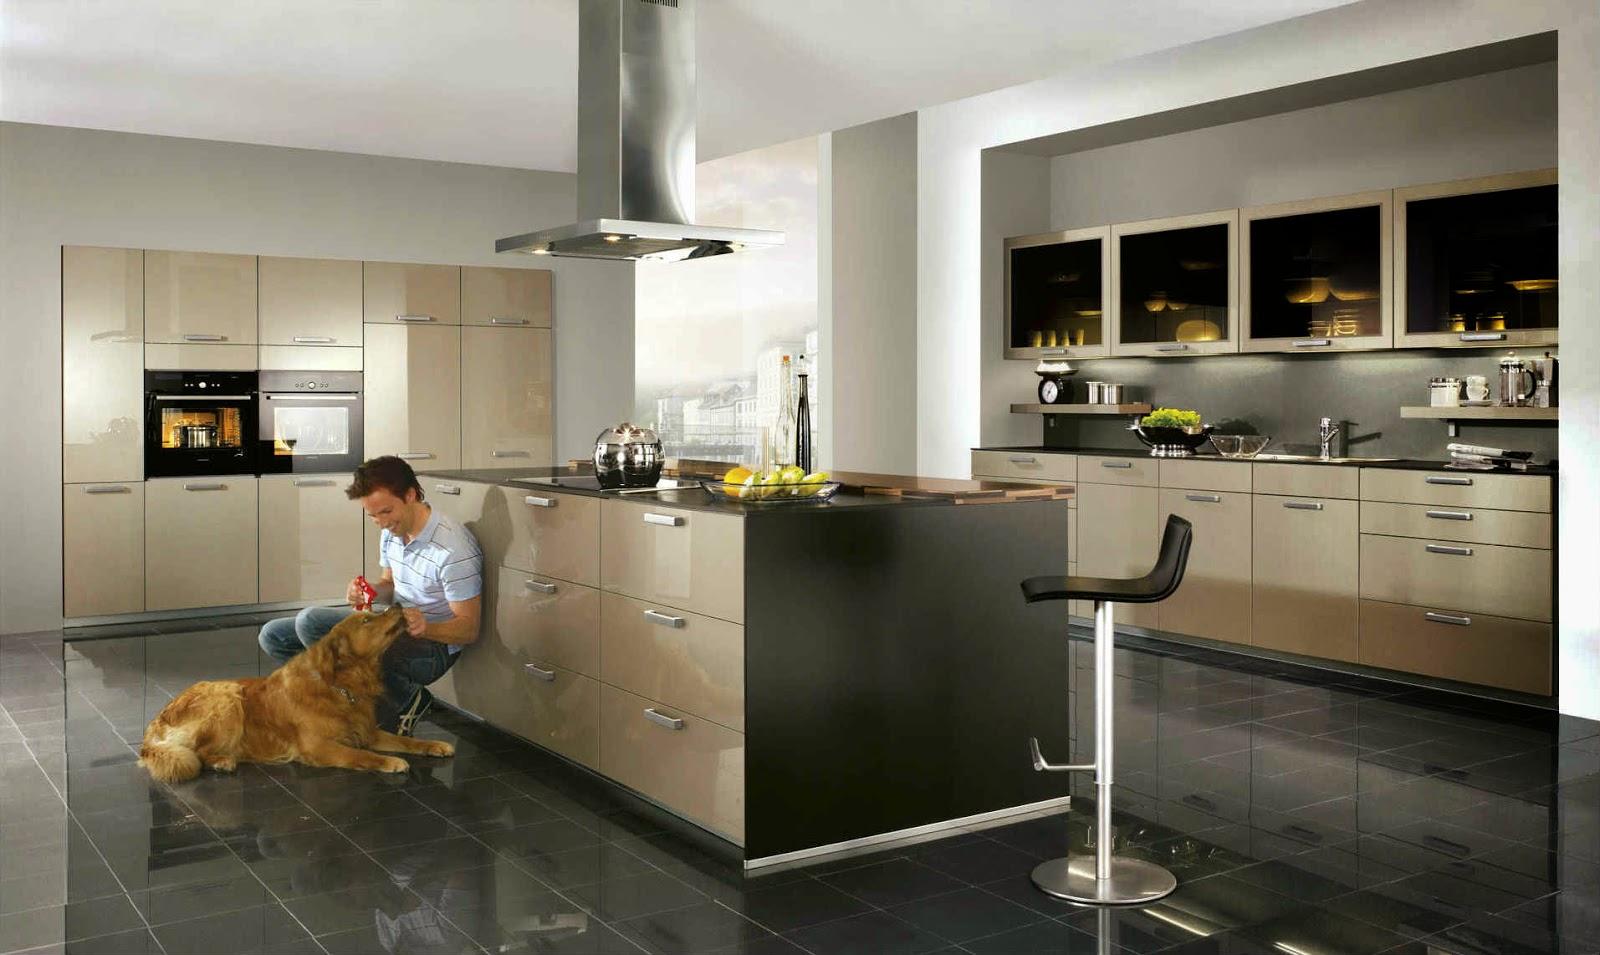 04 depuraci n corporal - Planificar una cocina ...